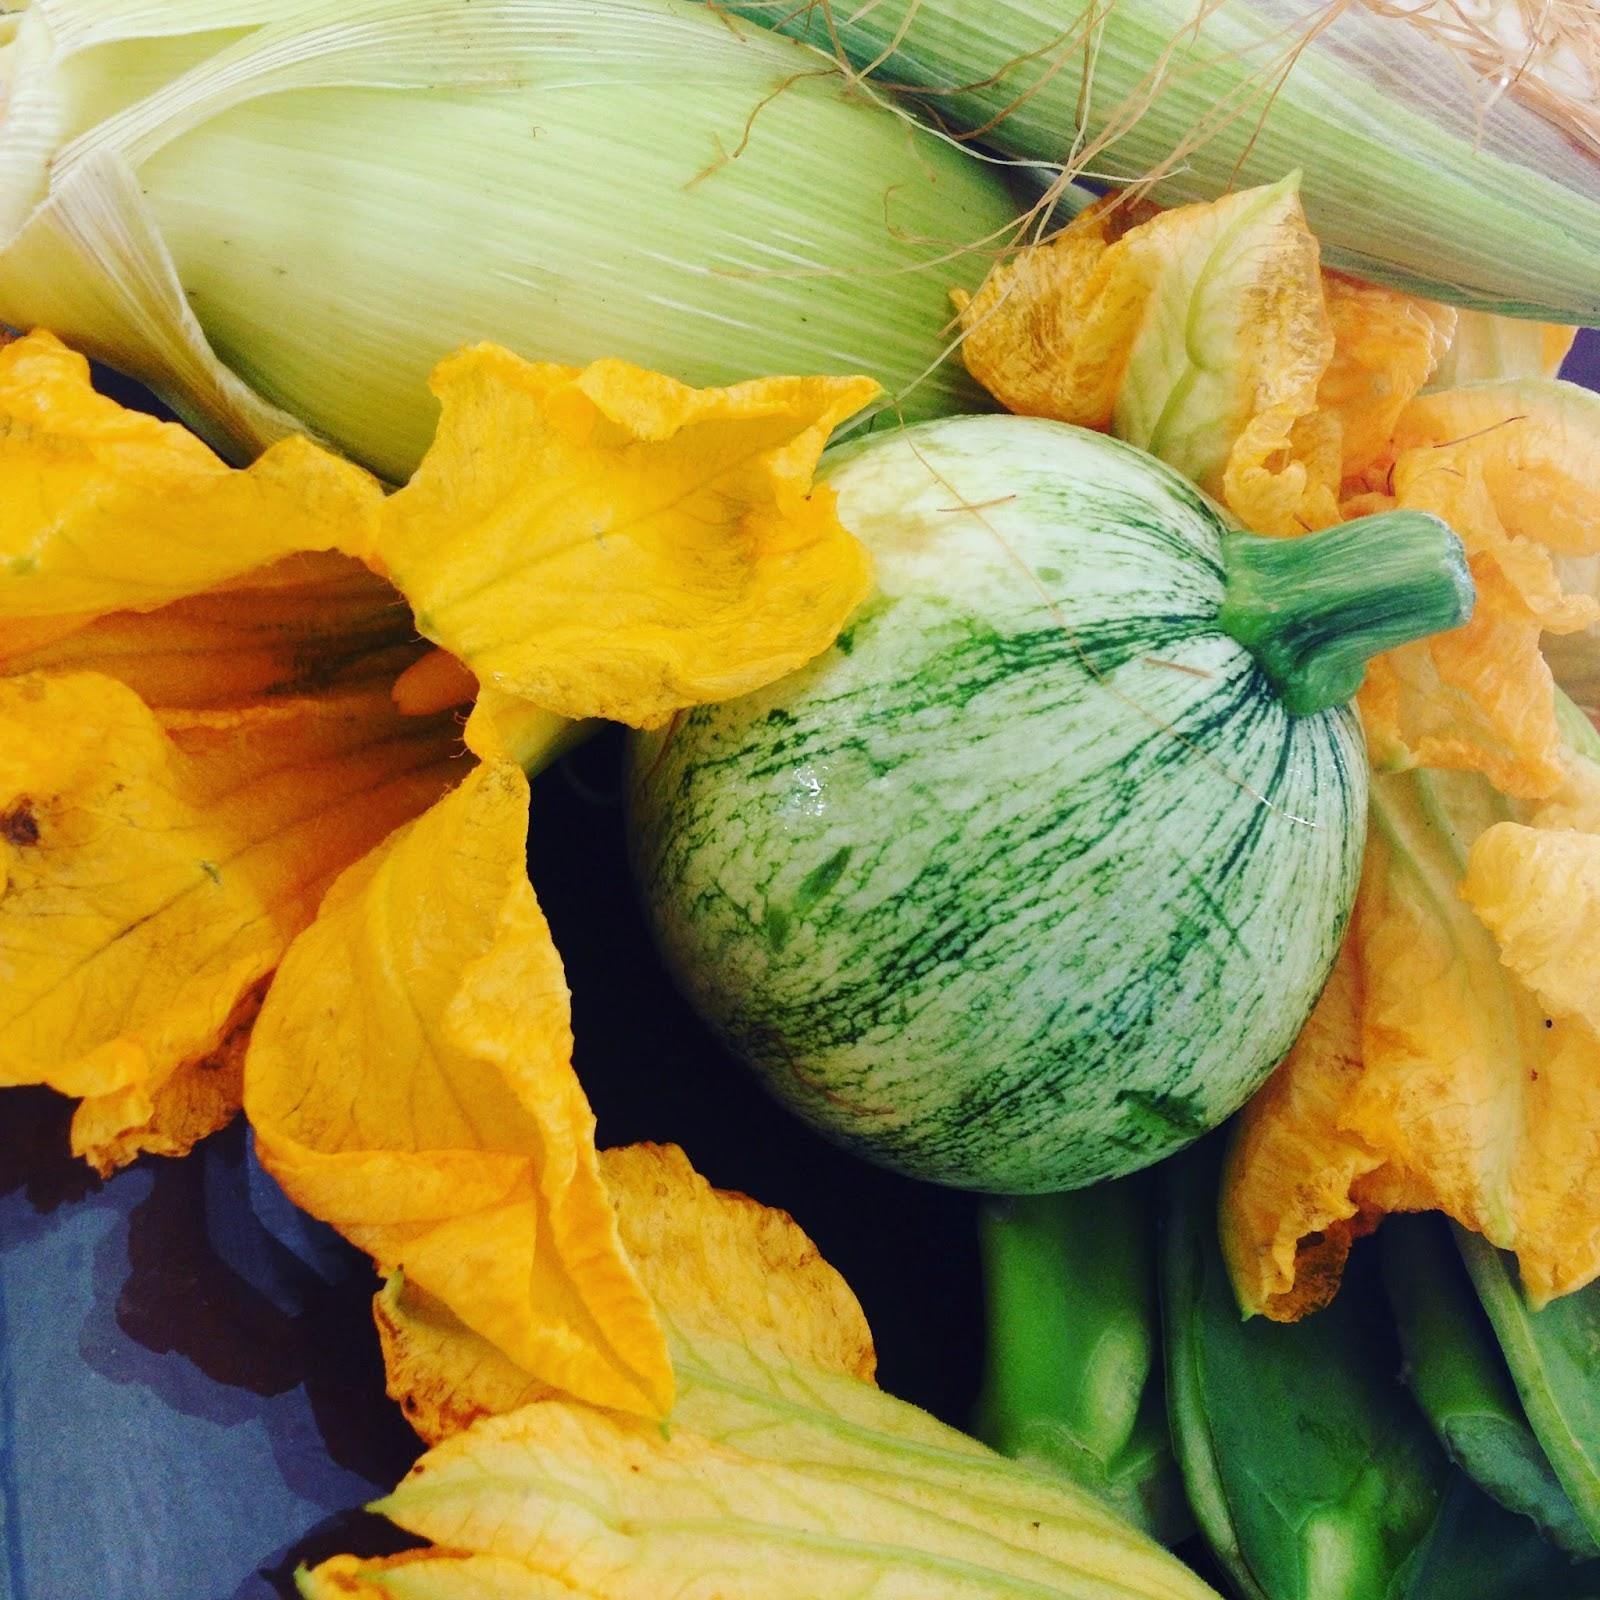 La semilla vegana la tienda - Semillas de frutas y verduras ...